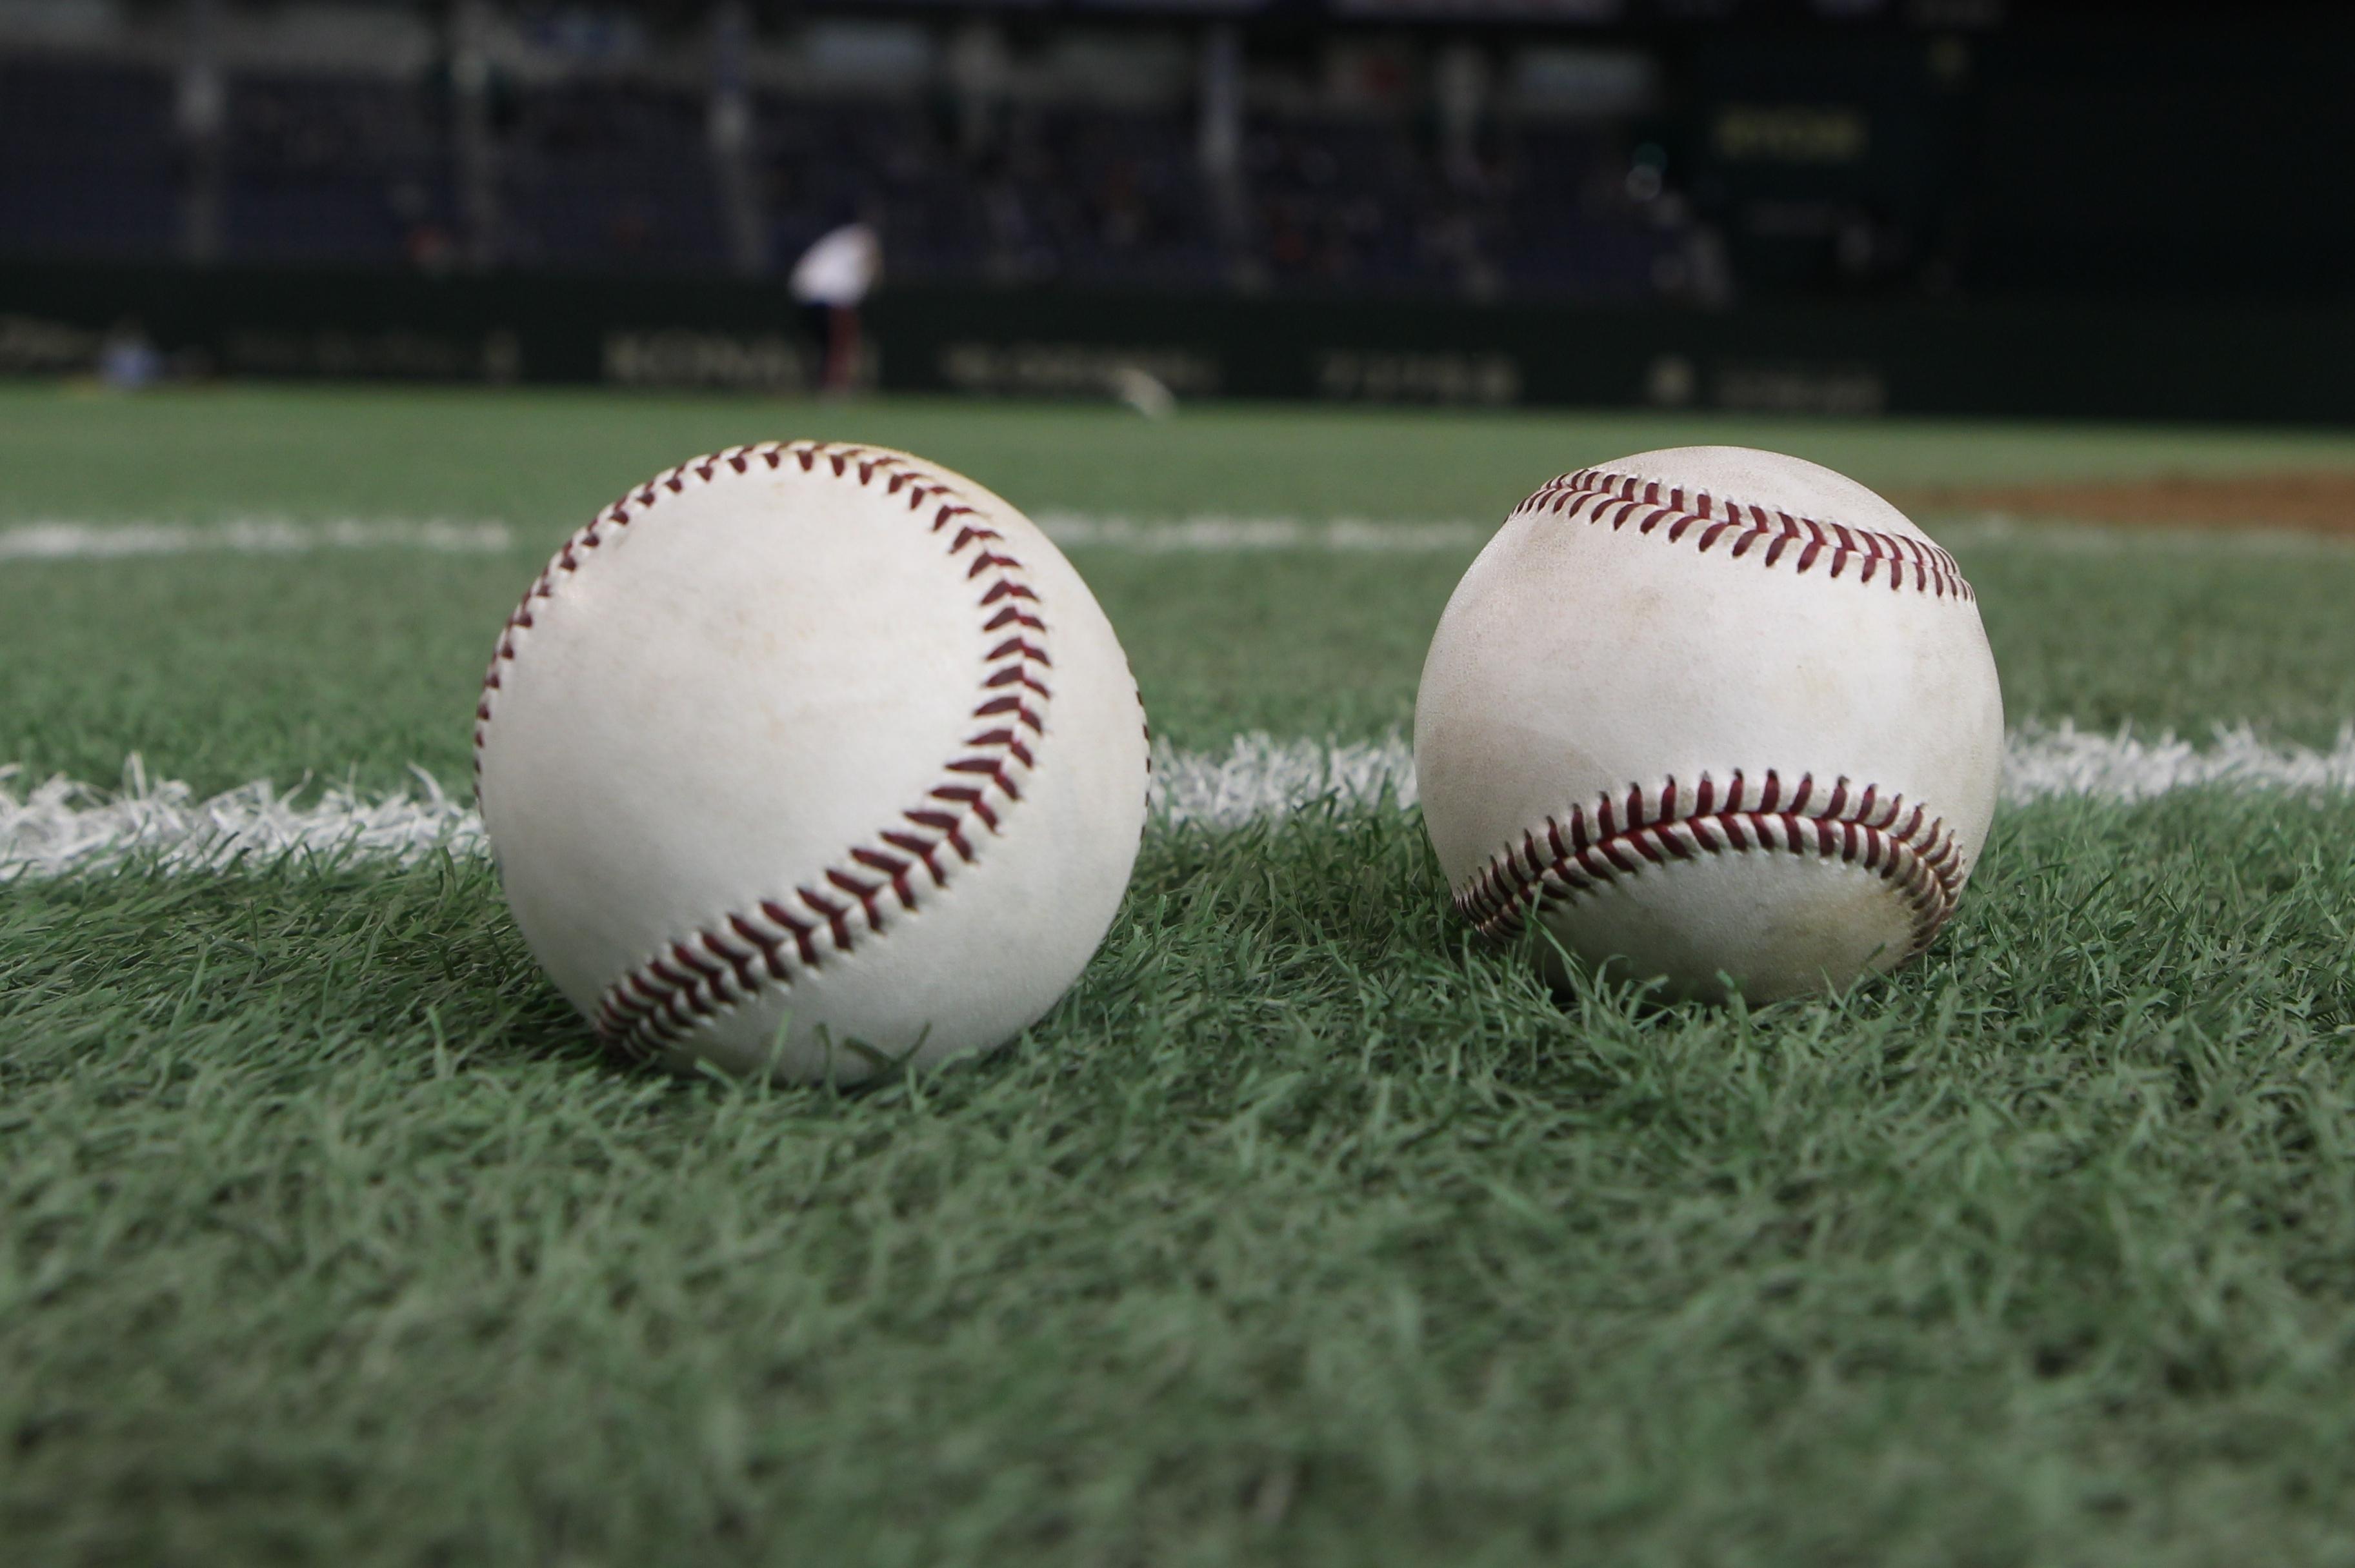 練習などで使用された公式球1球をプレゼント ※写真はイメージです